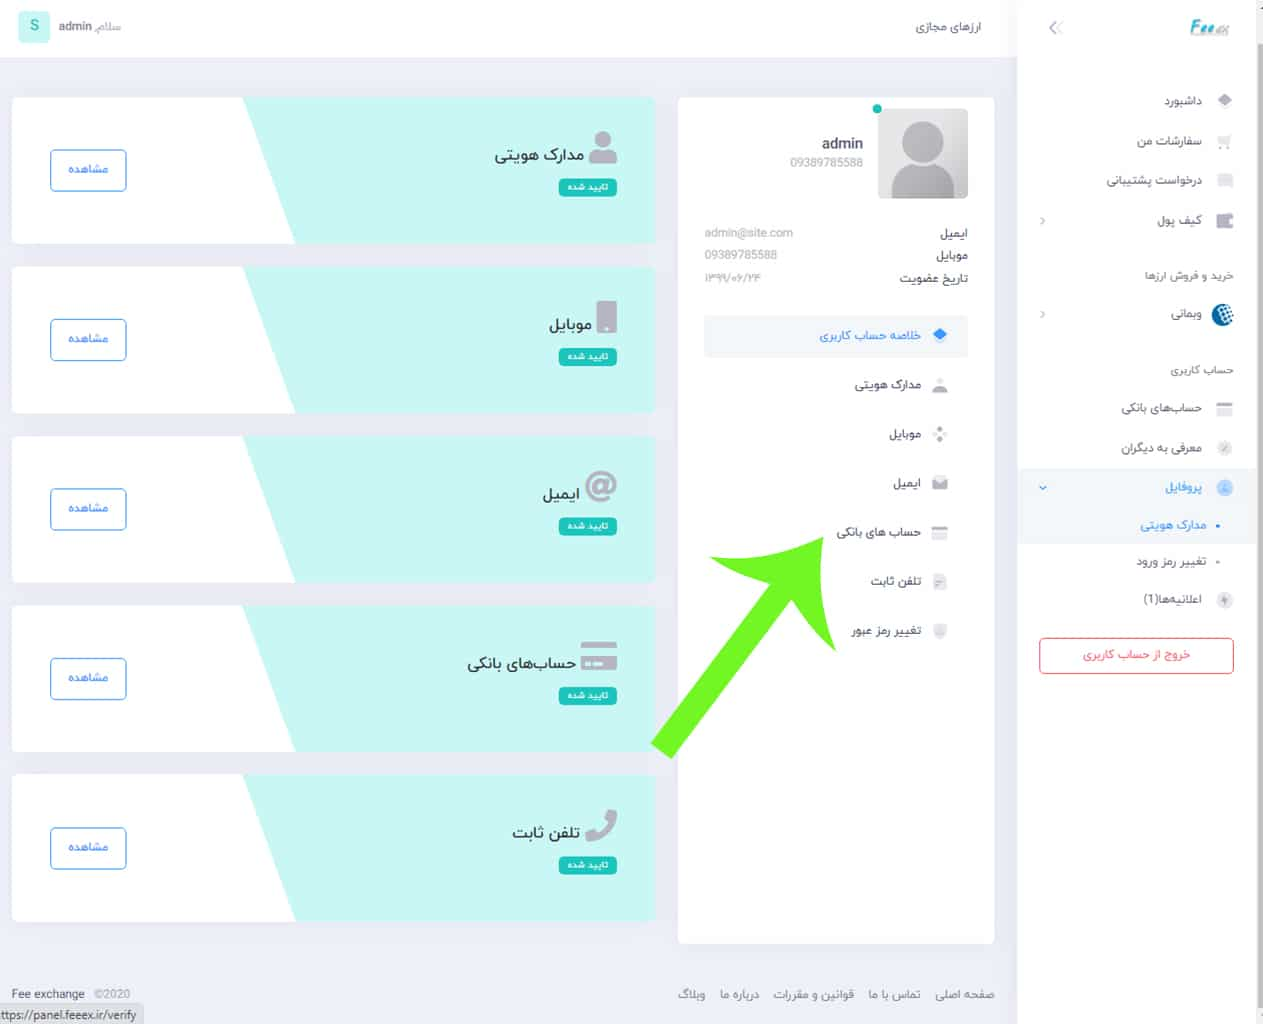 ehraz-hoiyat-2020-12-23